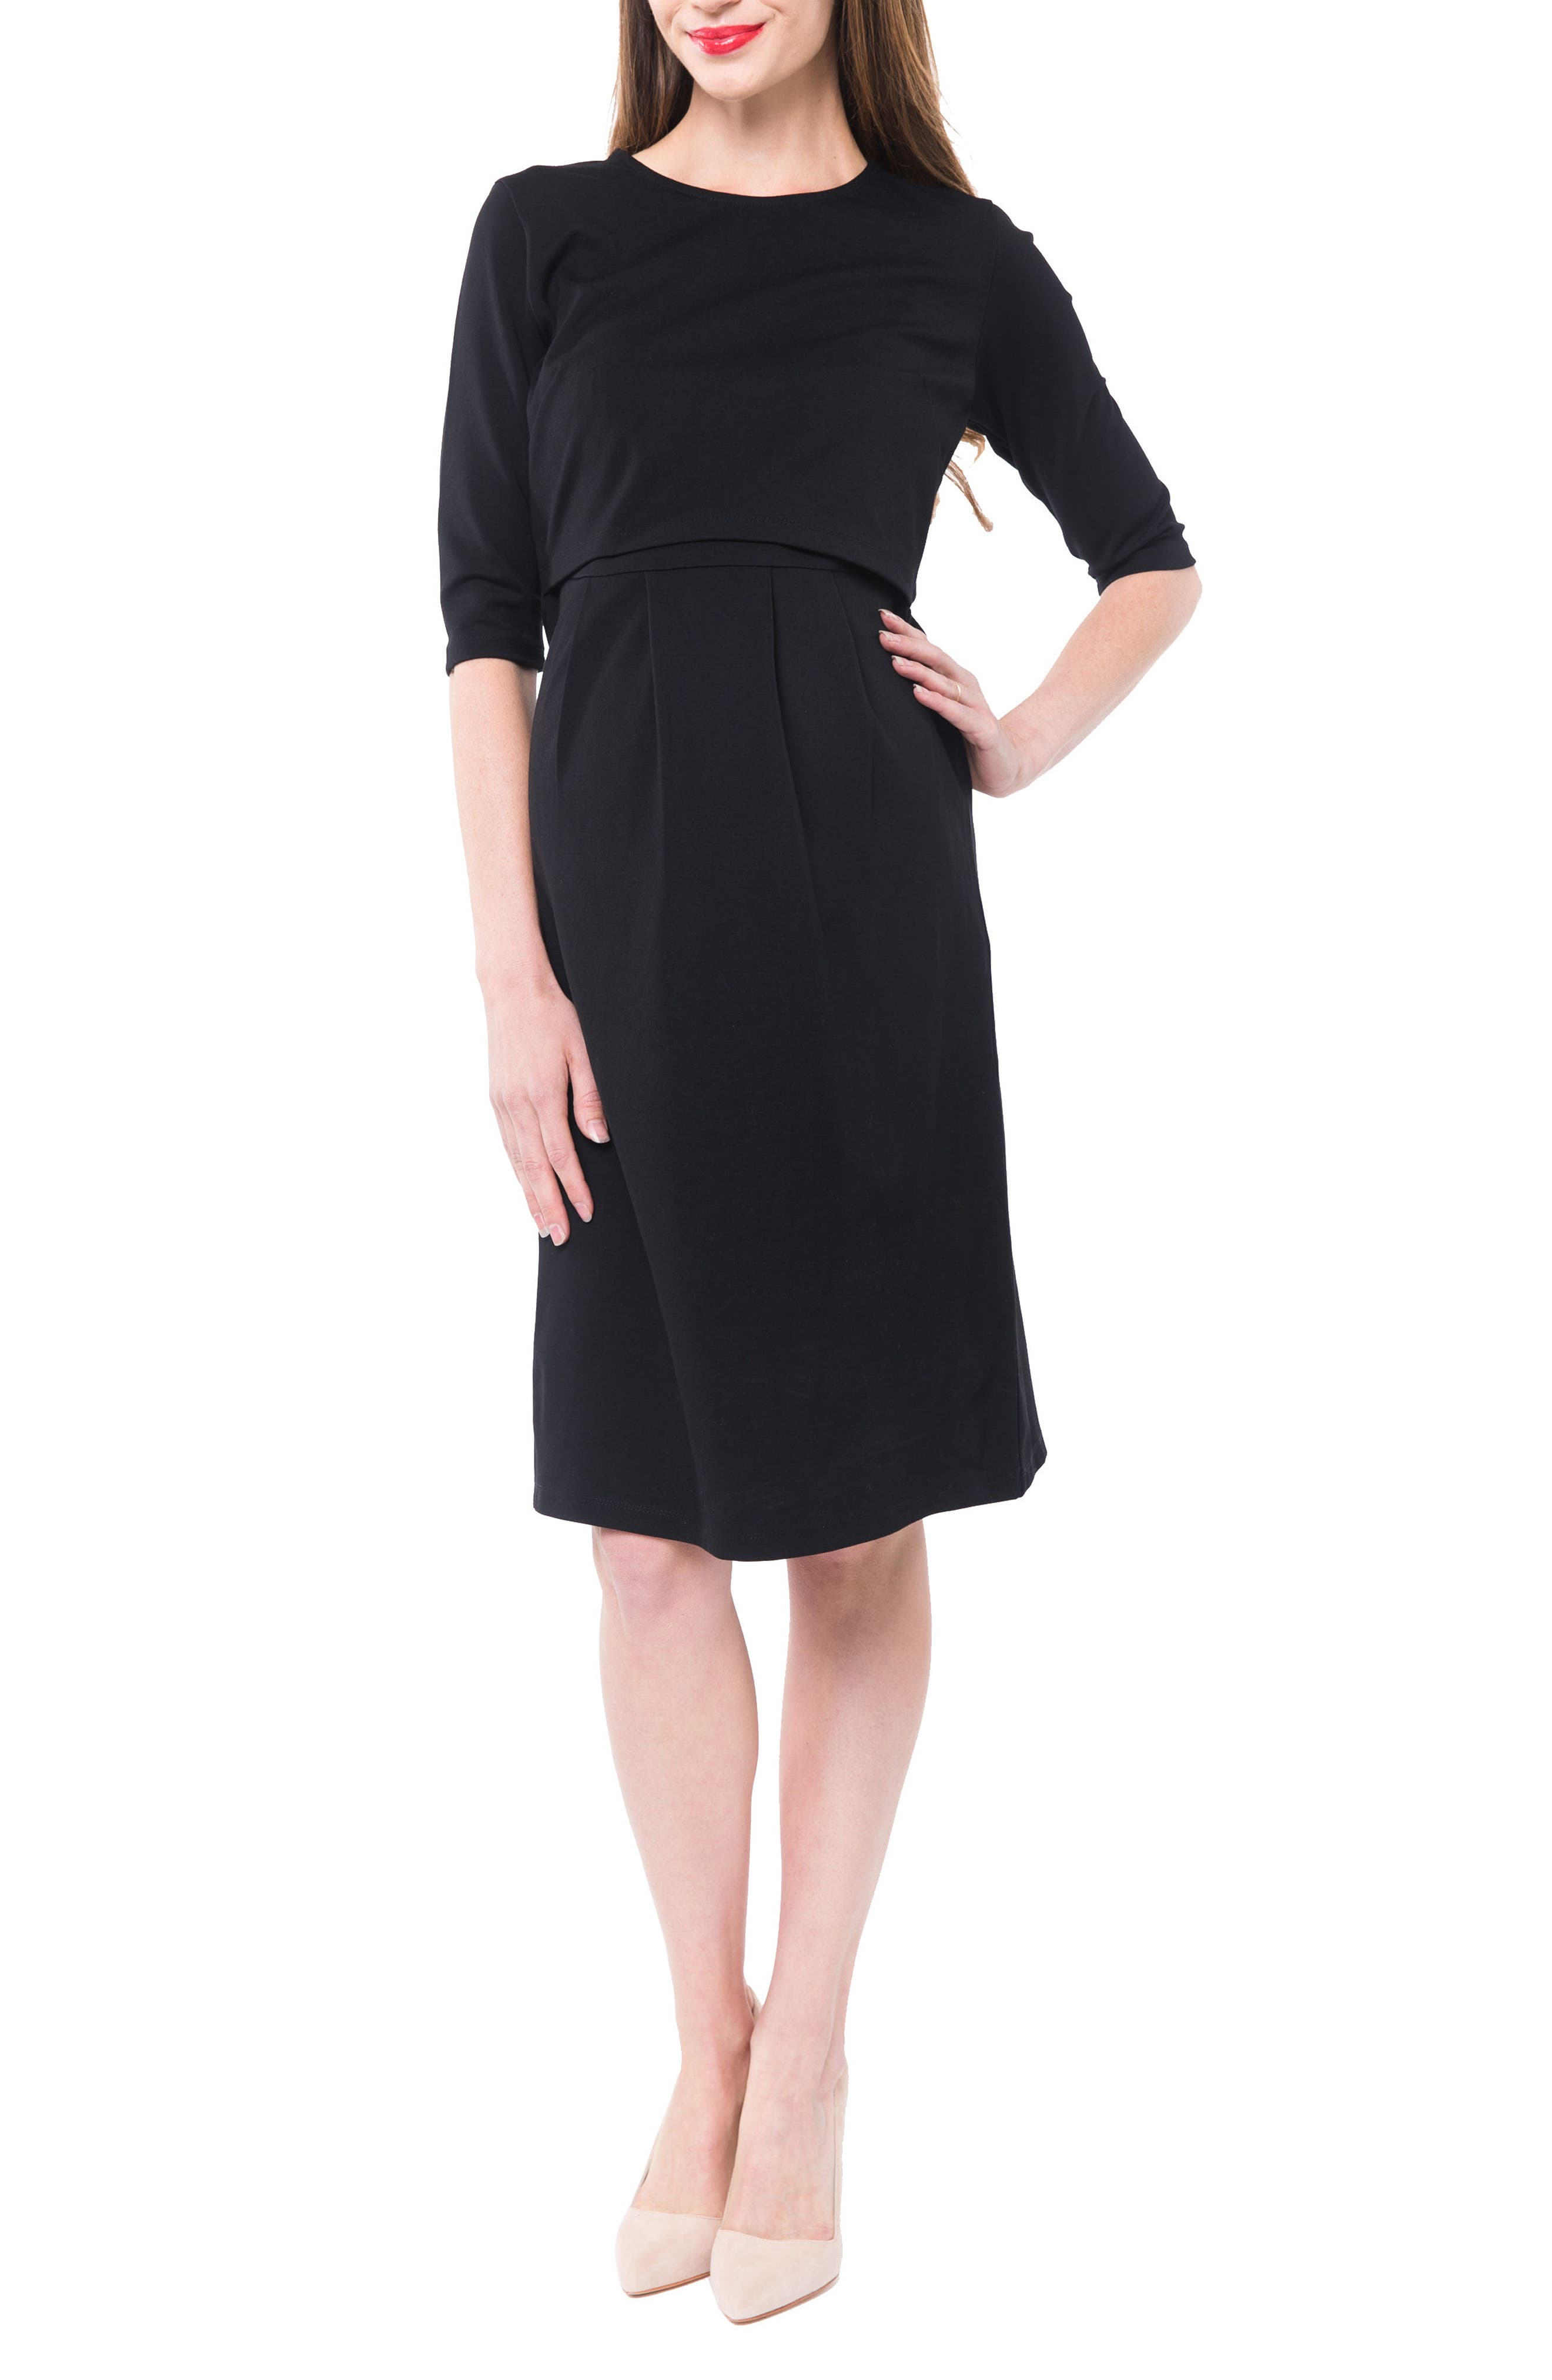 Valentina Ponté Knit Maternity/Nursing Dress,                             Main thumbnail 1, color,                             BLACK